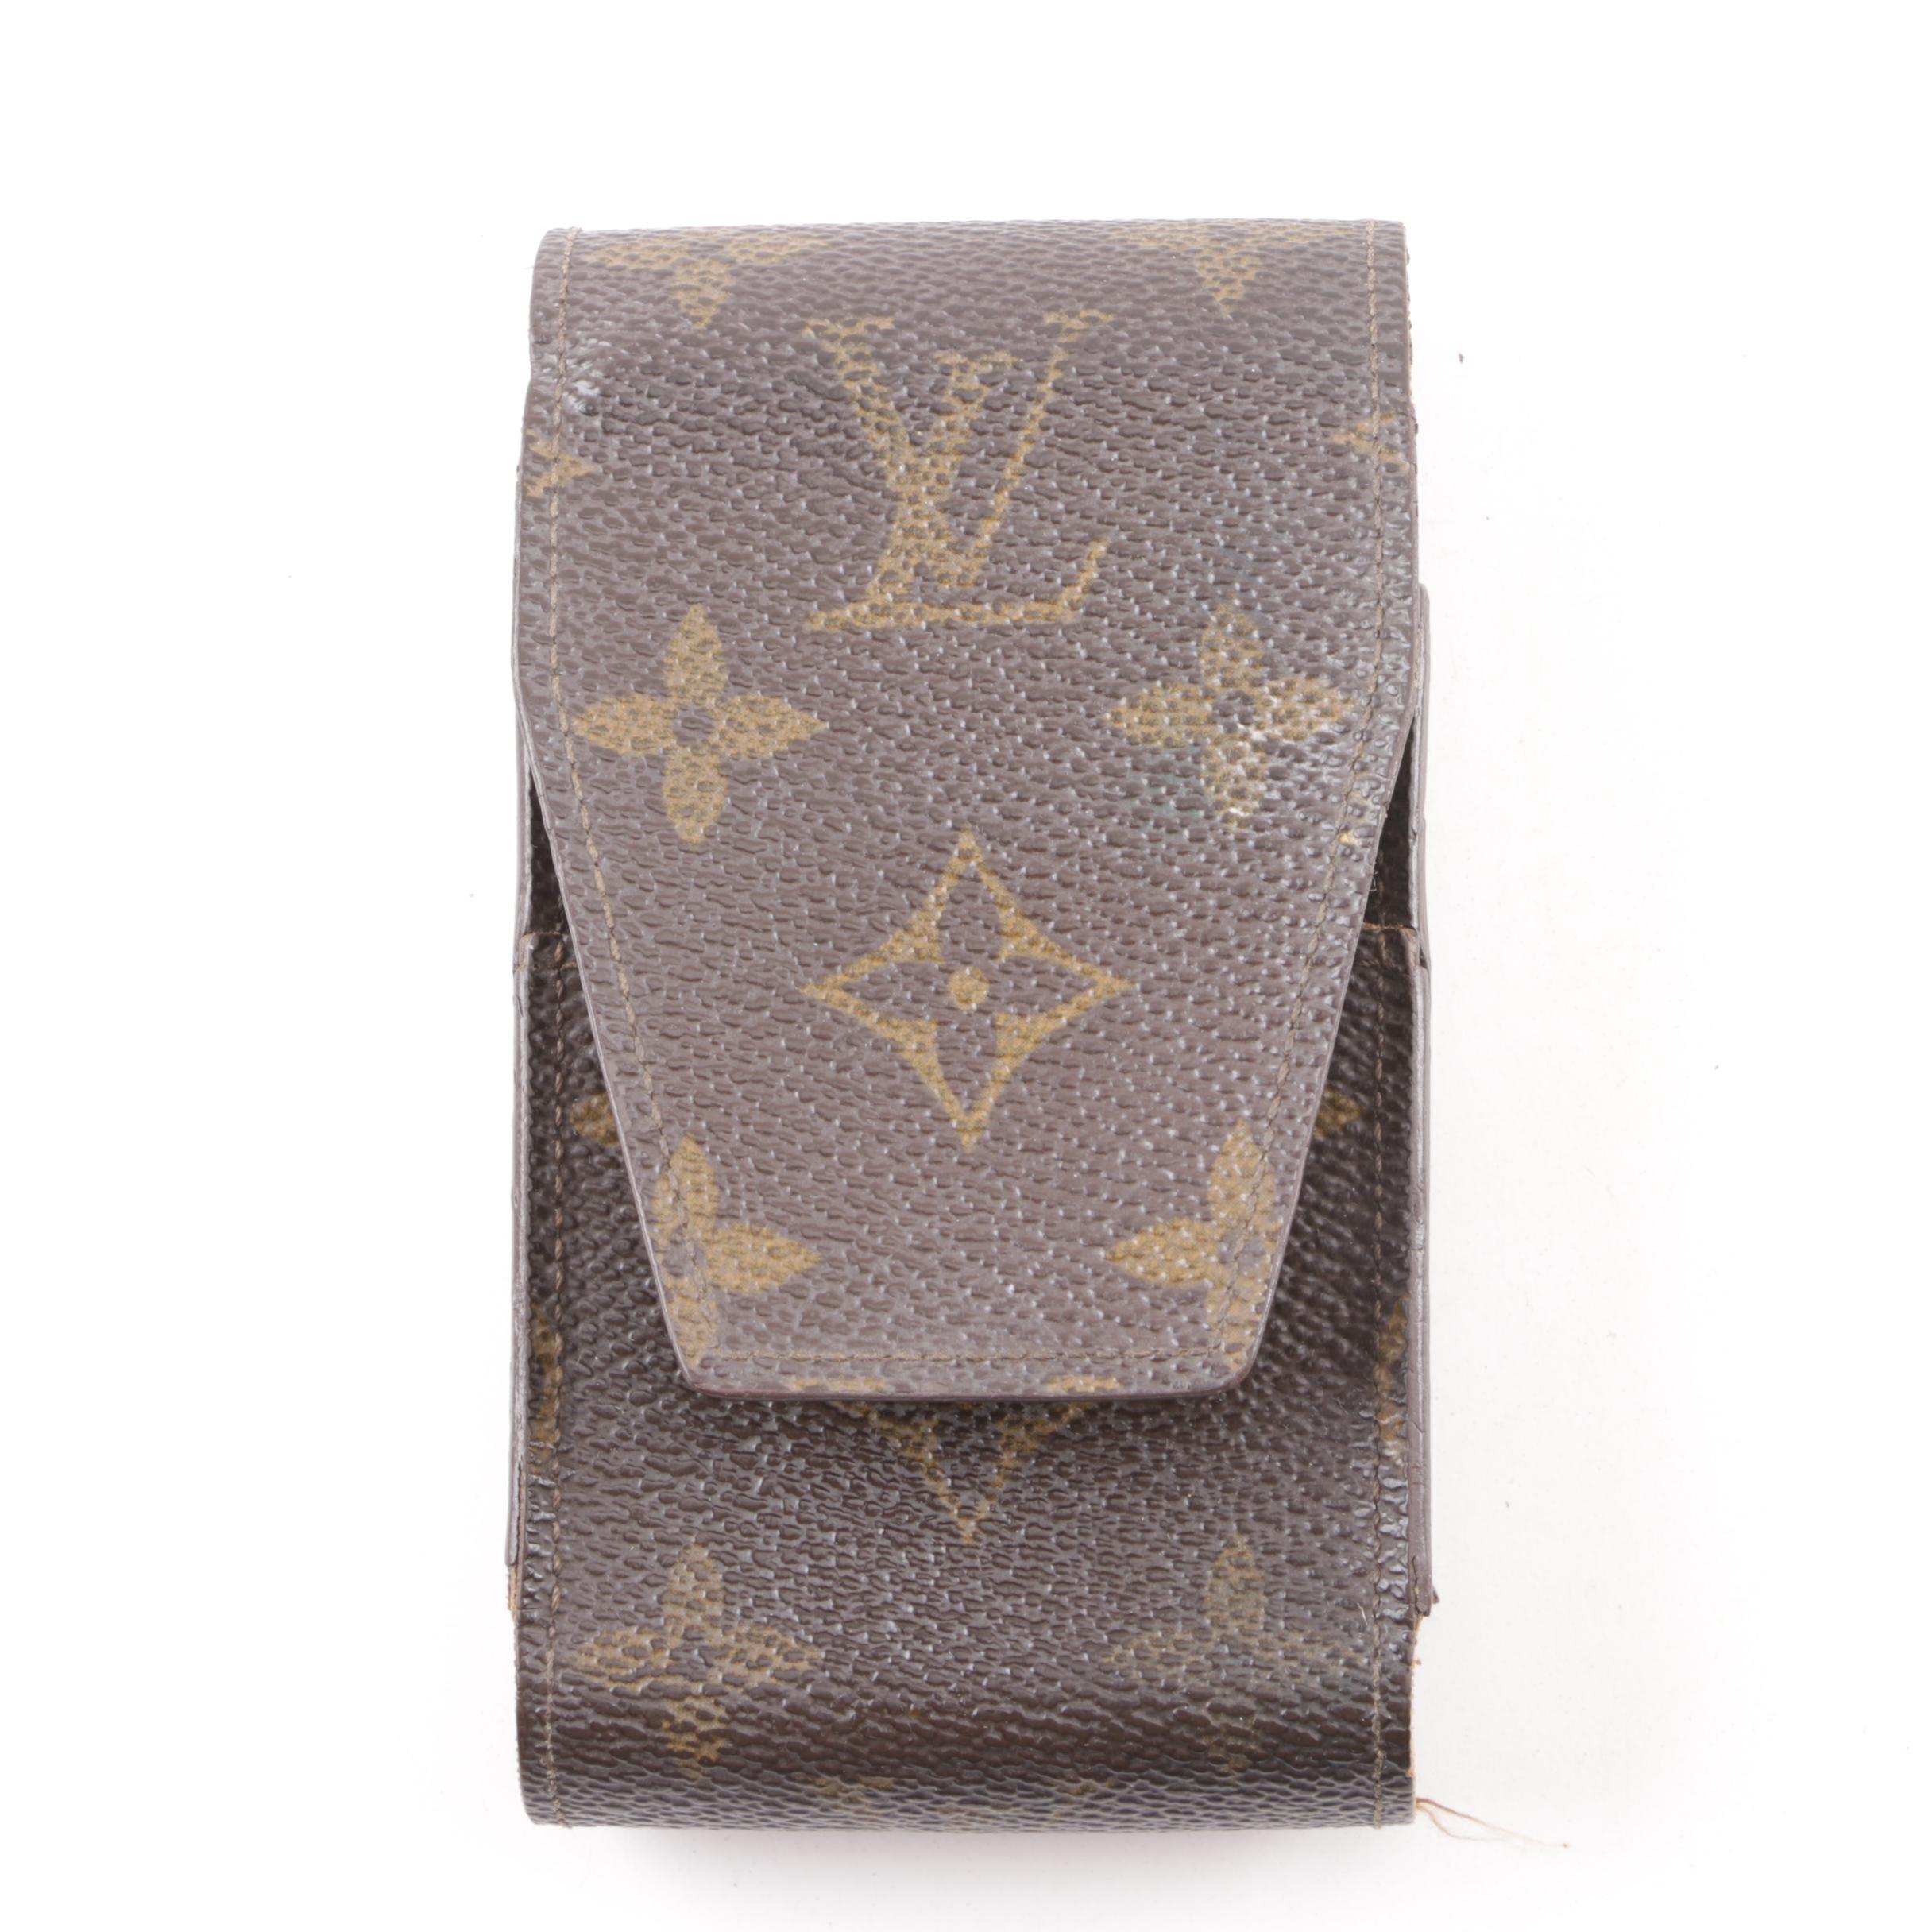 1992 Vintage Louis Vuitton Monogram Canvas Phone Case